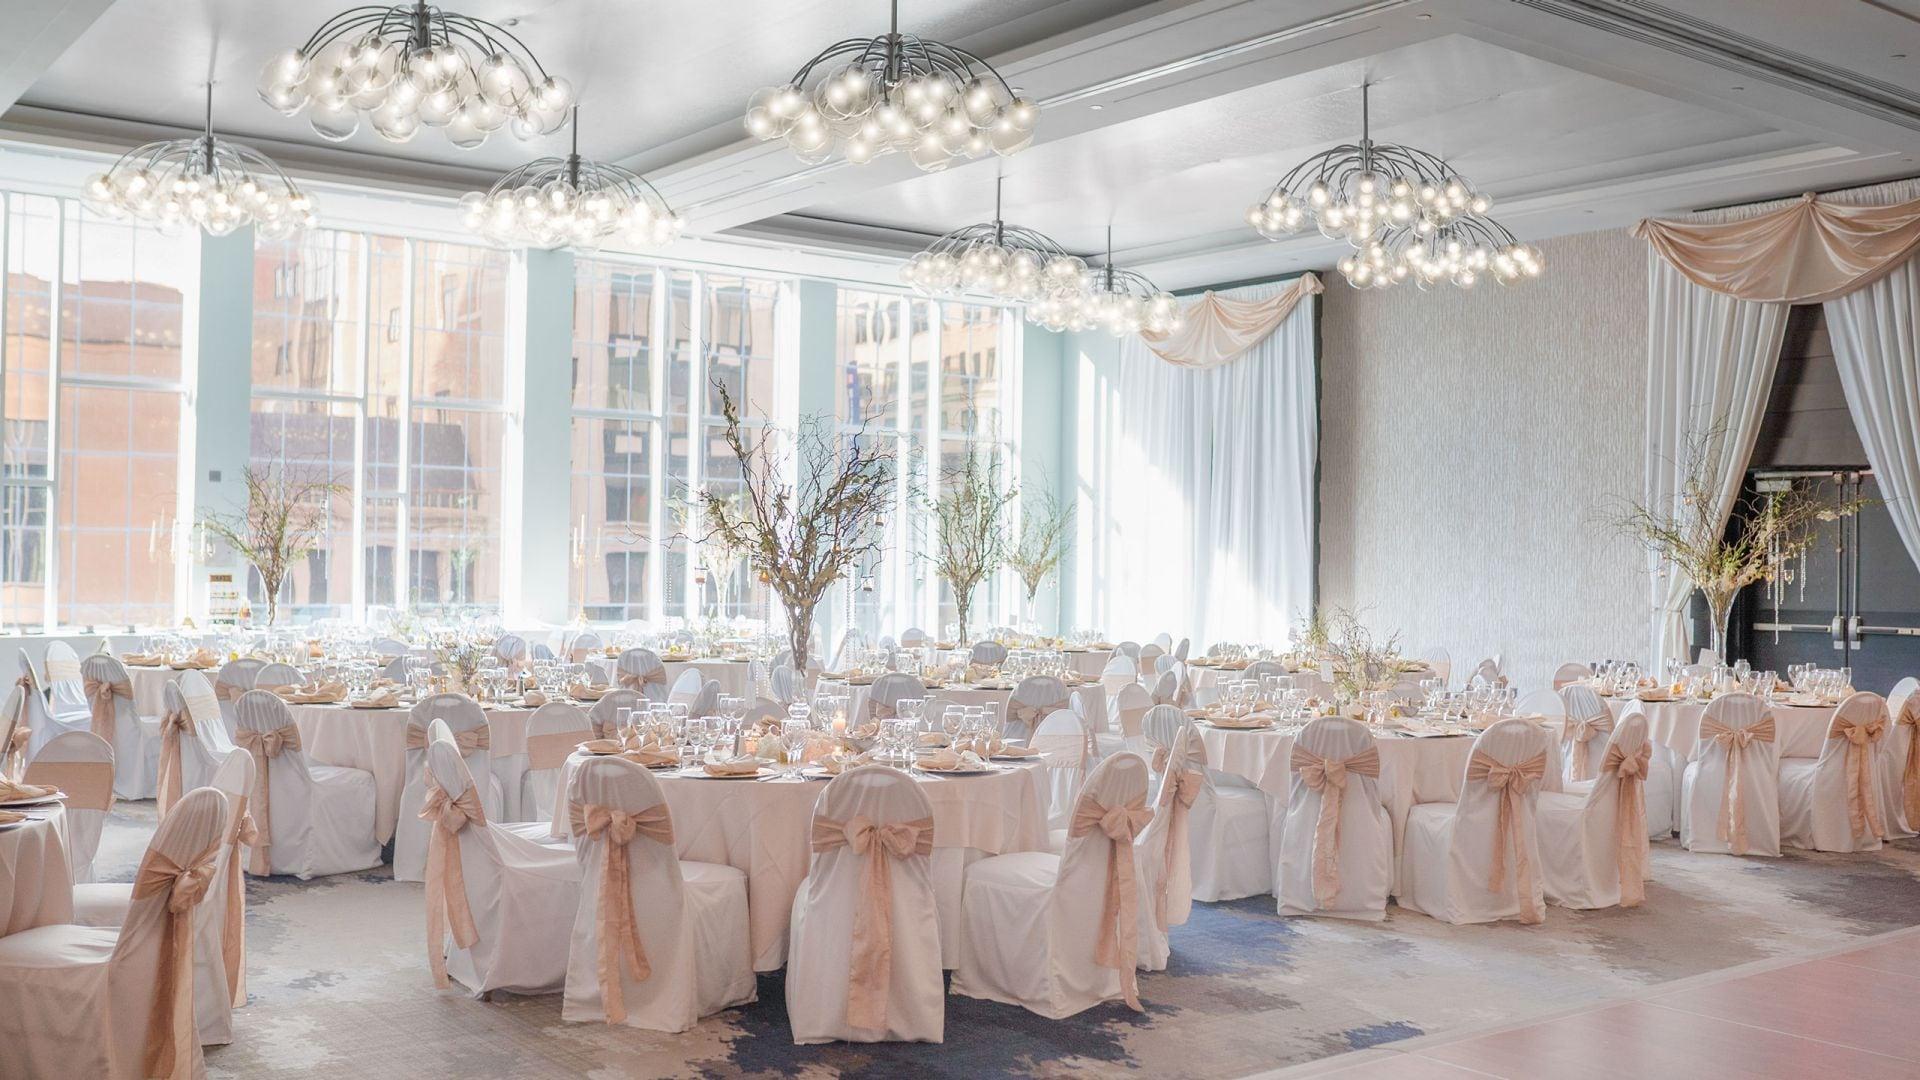 Beautiful Wedding Event Venue In Downtown Rochester Hyatt Regency